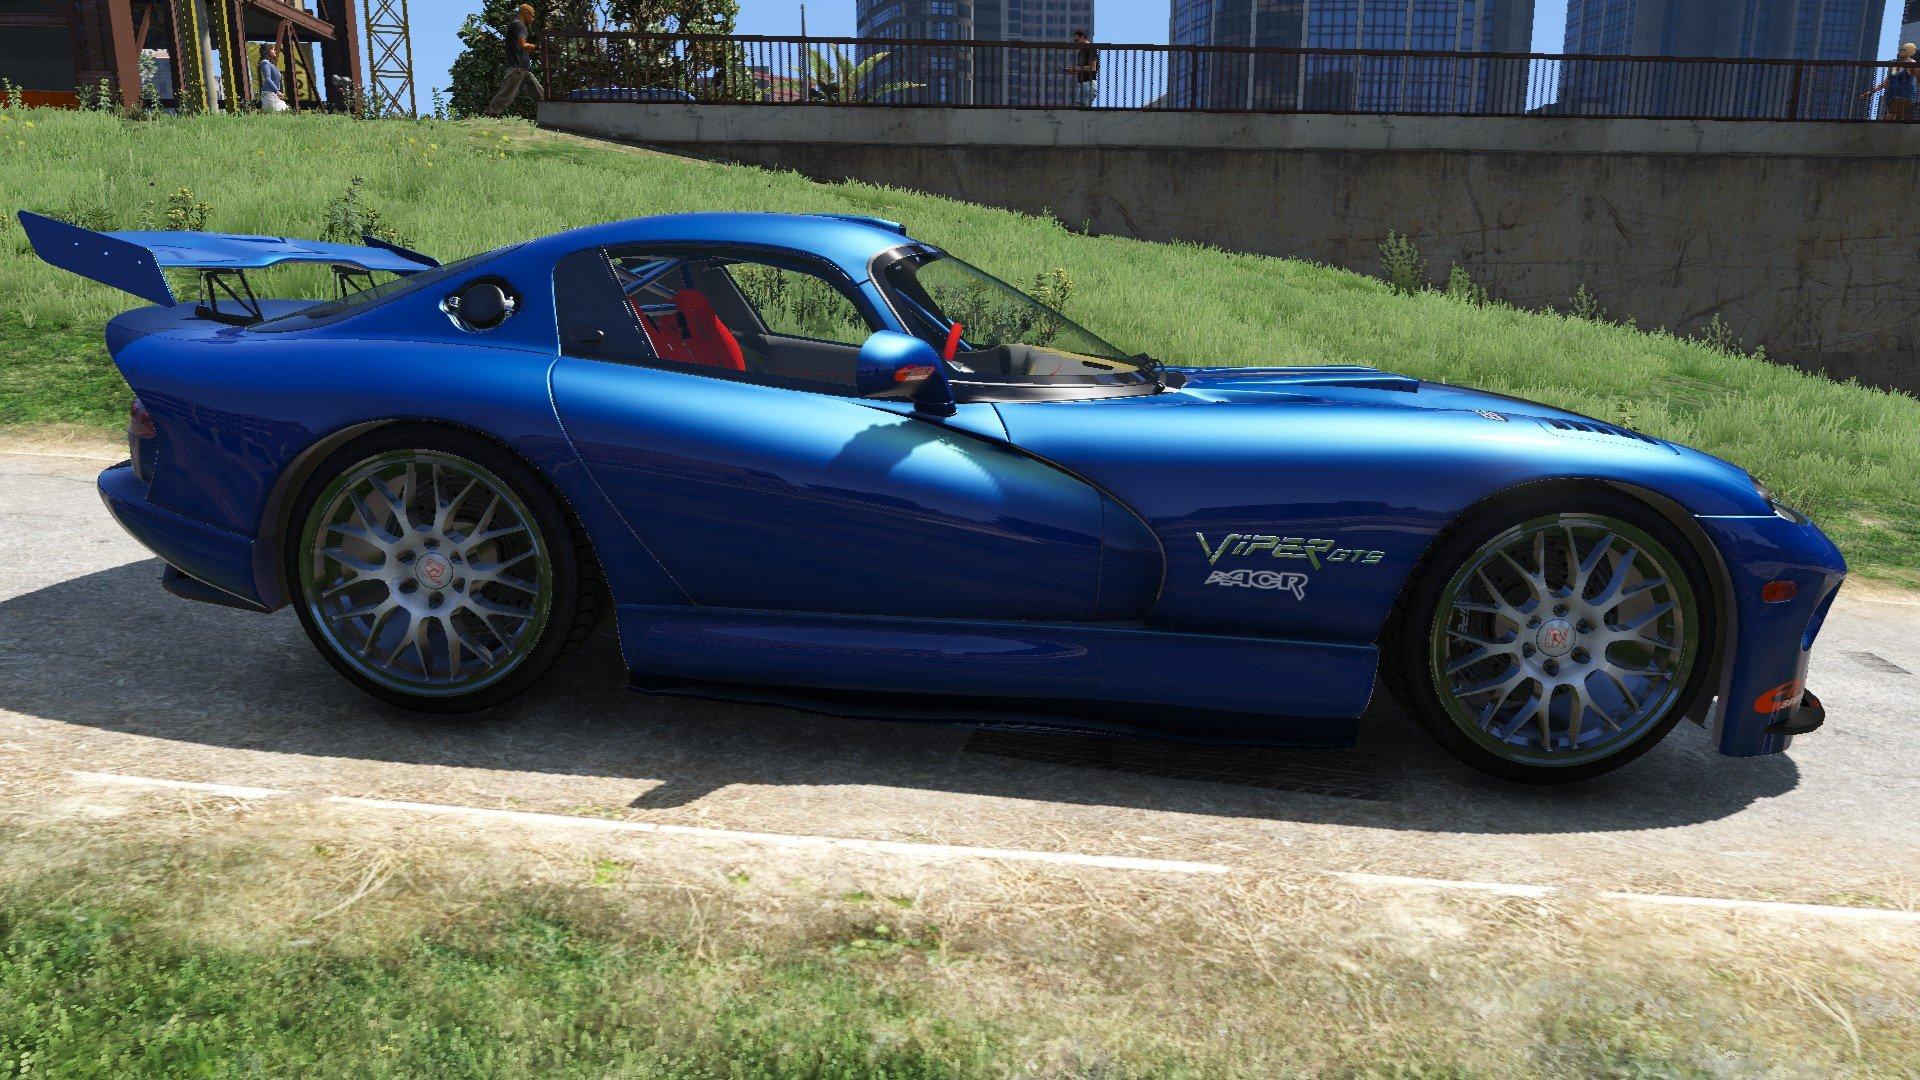 1999 Dodge Viper GTS ACR - GTA5-Mods.com